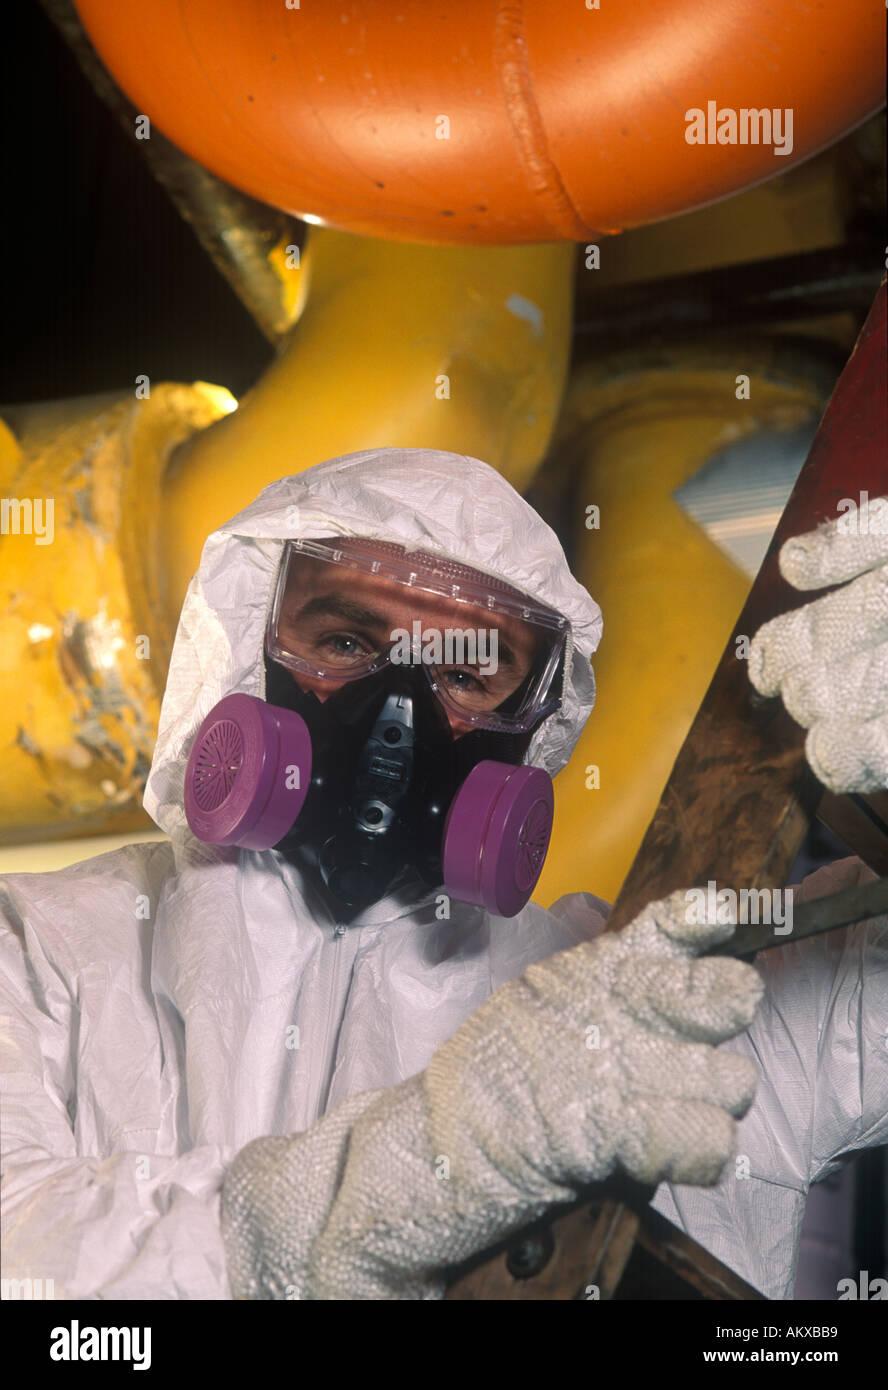 Hazardous material worker in factory. - Stock Image